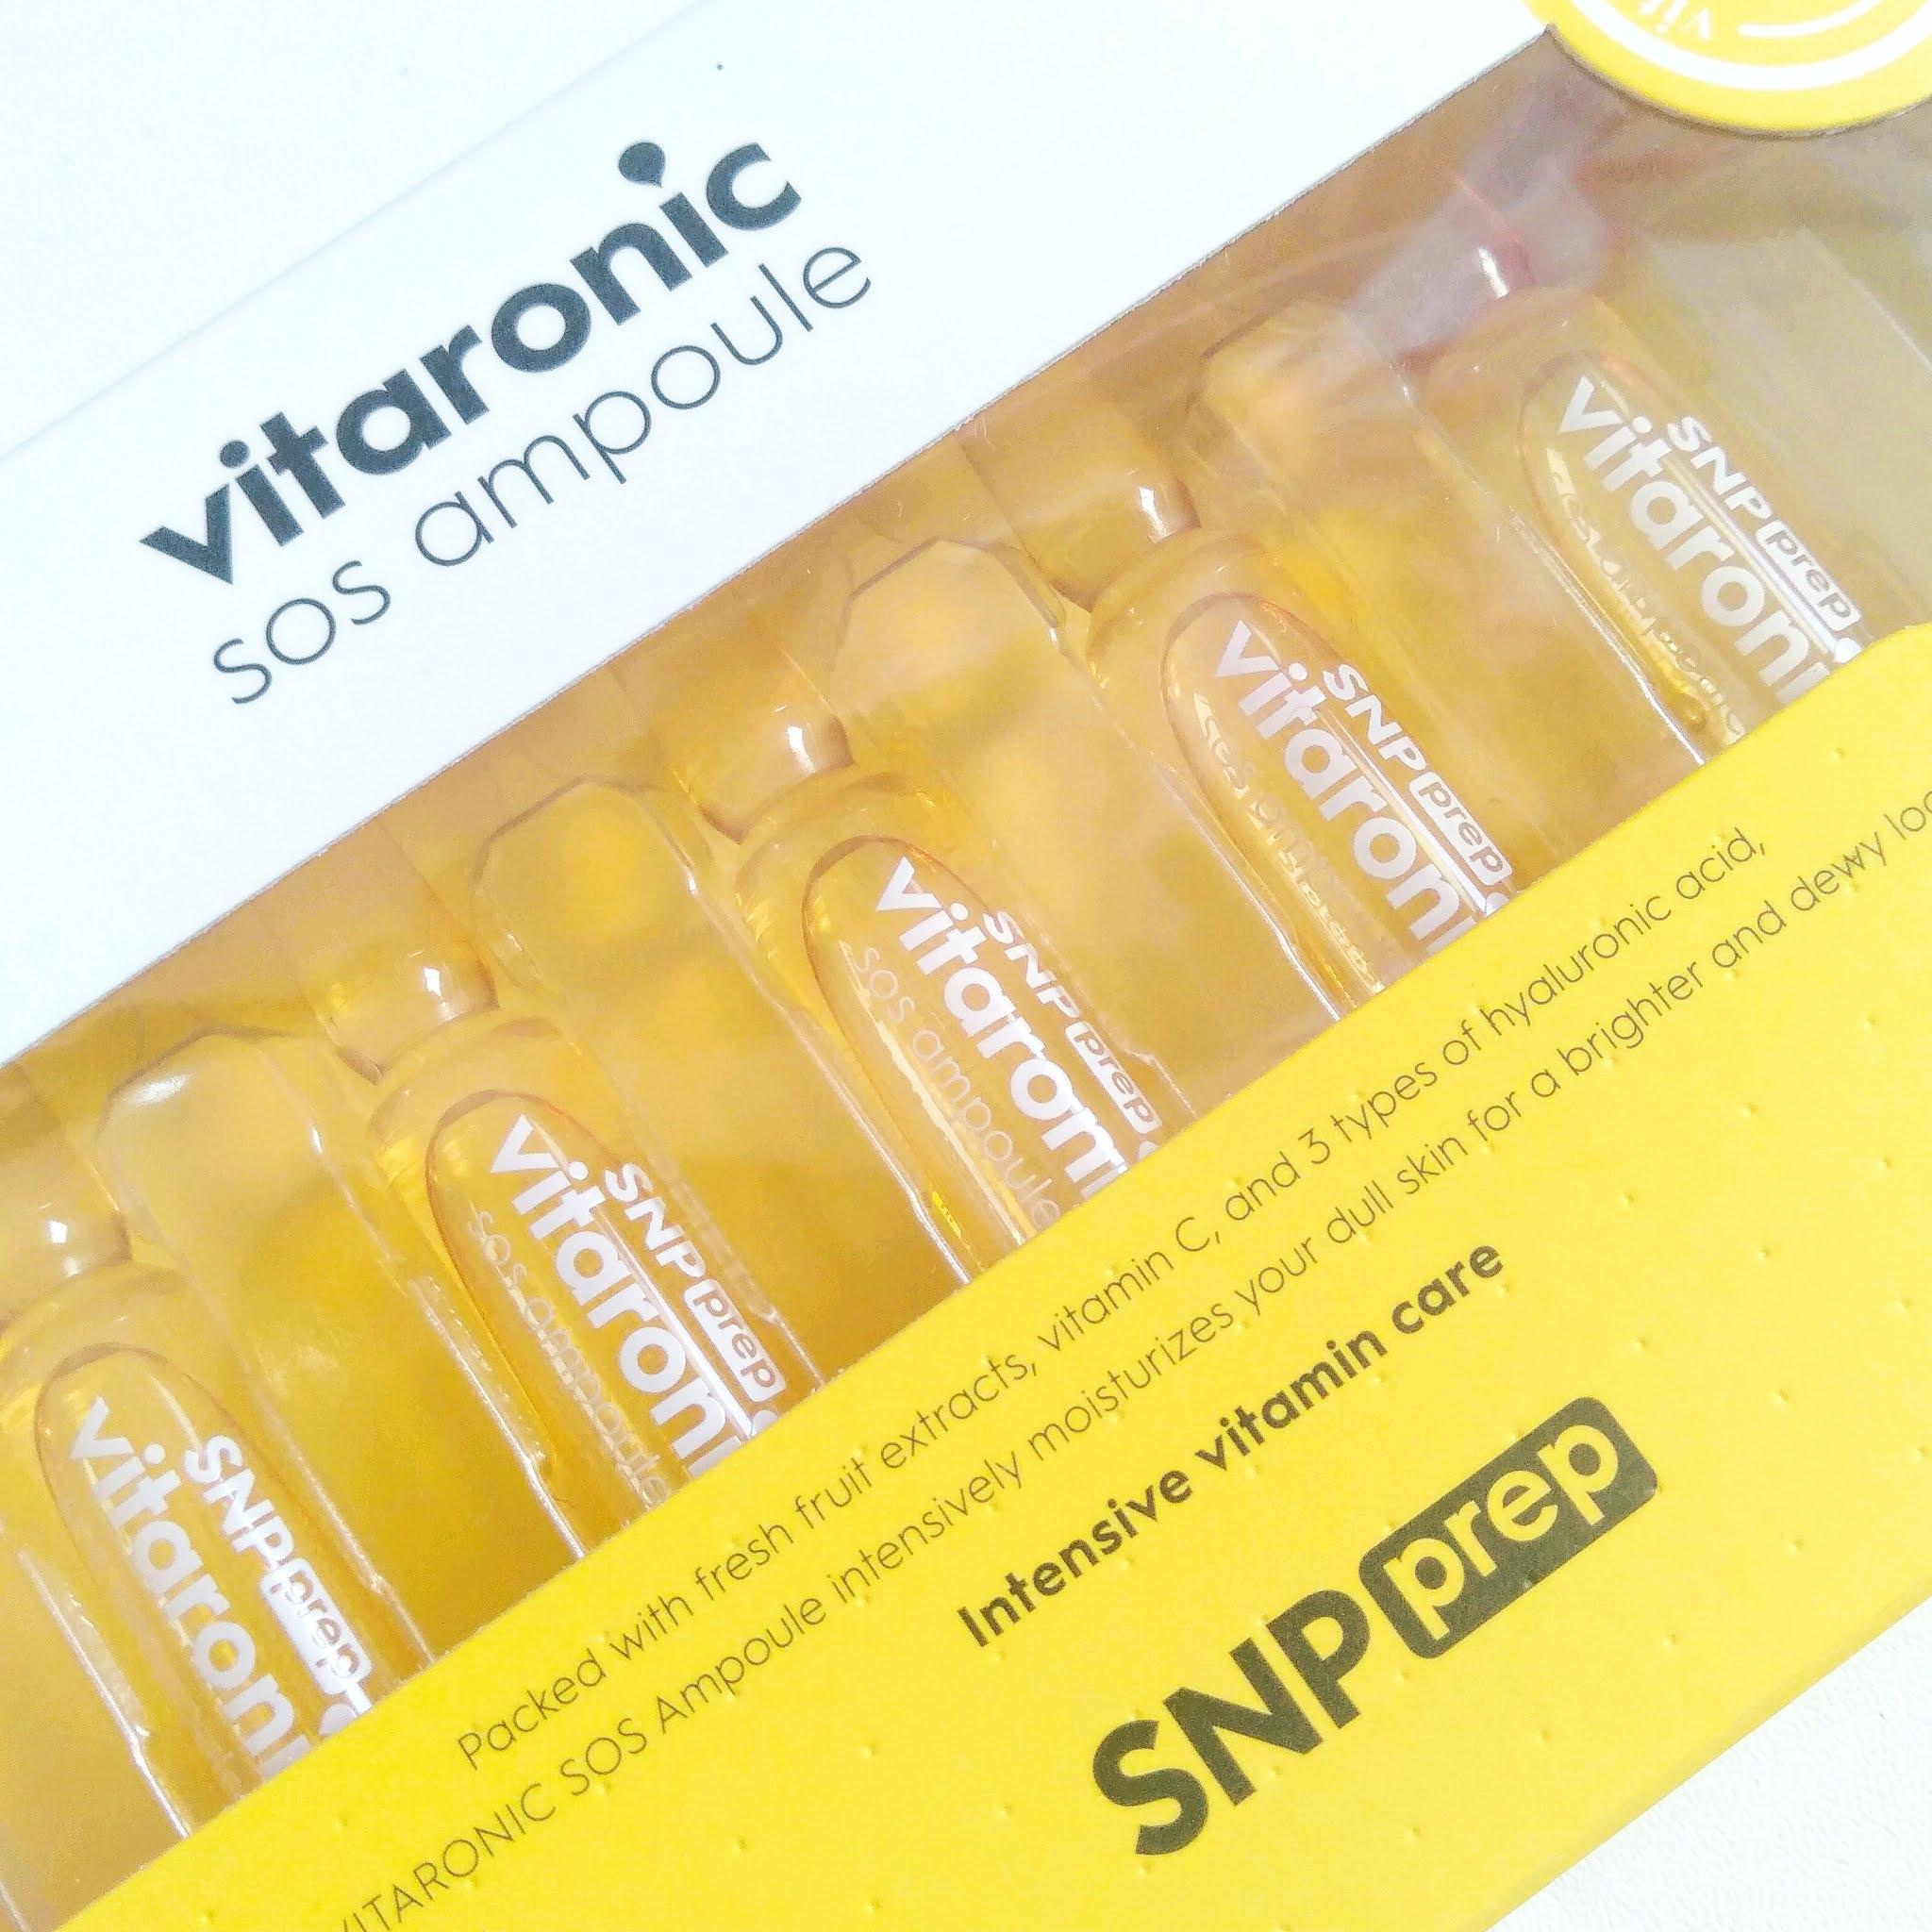 snp-prep-vitaronic-ampoule-review